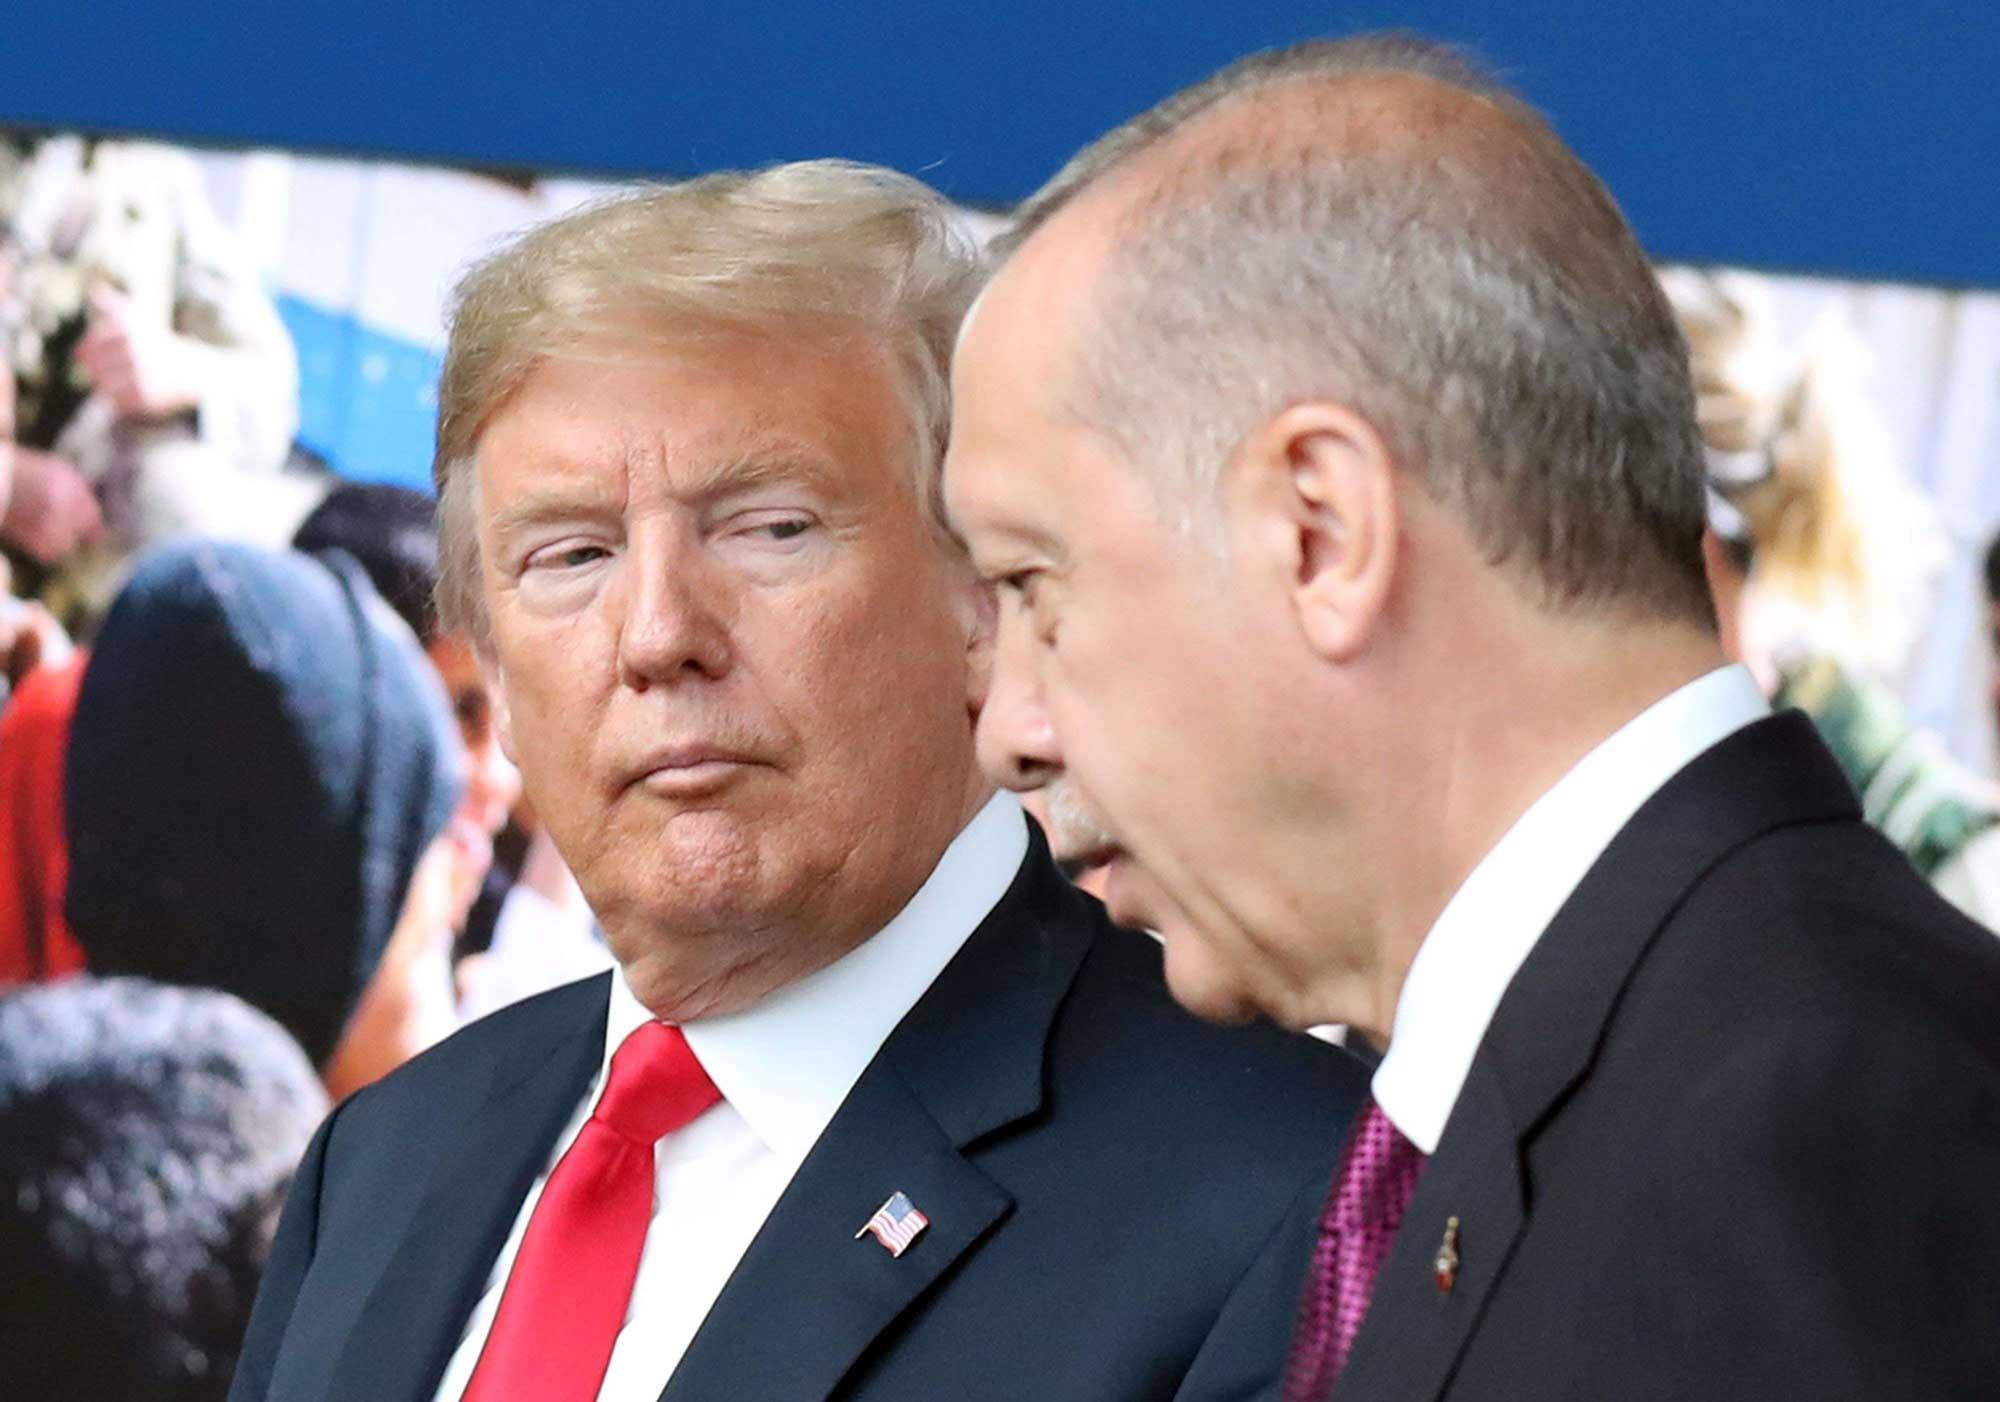 الرئيسين دونالد ترامب ورجب طيب أردوغان